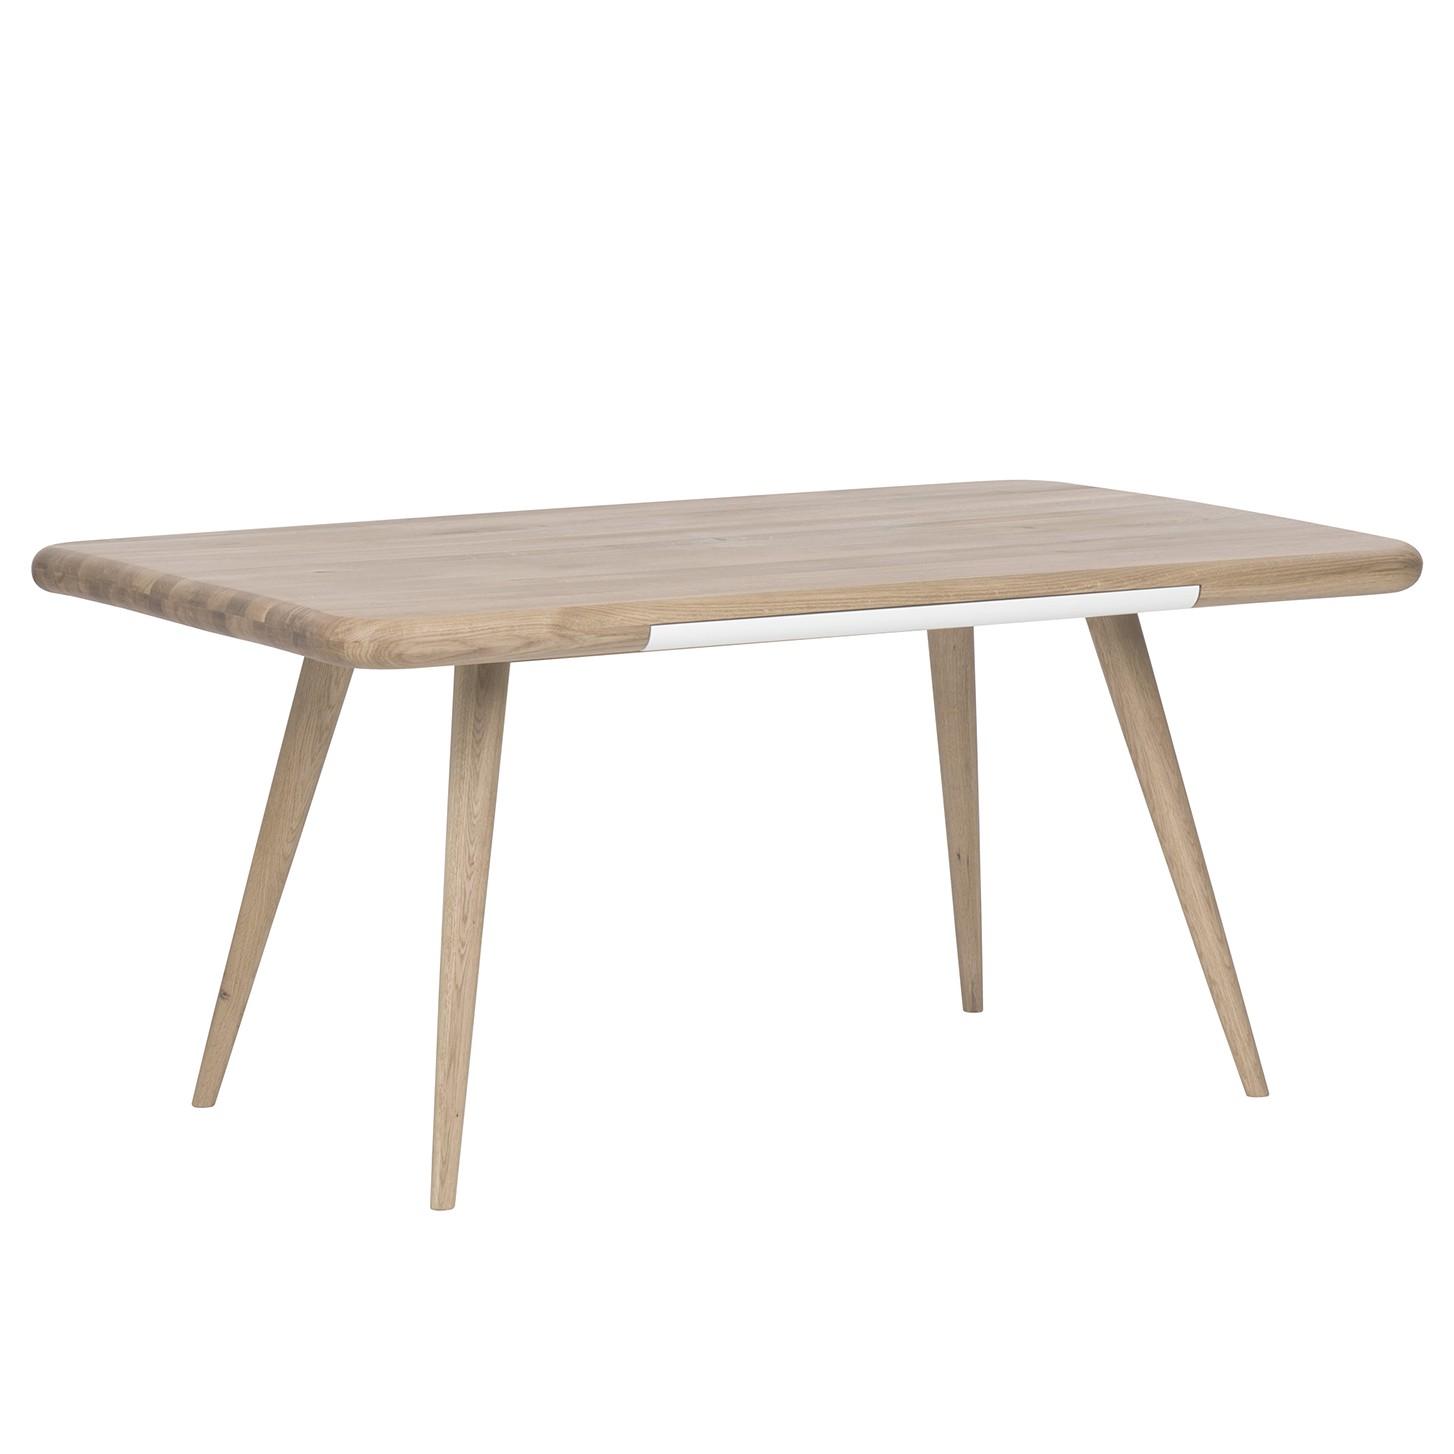 esstisch 100 trendy best esstisch oslo cm rund design with tv tisch cm with esstisch 100. Black Bedroom Furniture Sets. Home Design Ideas